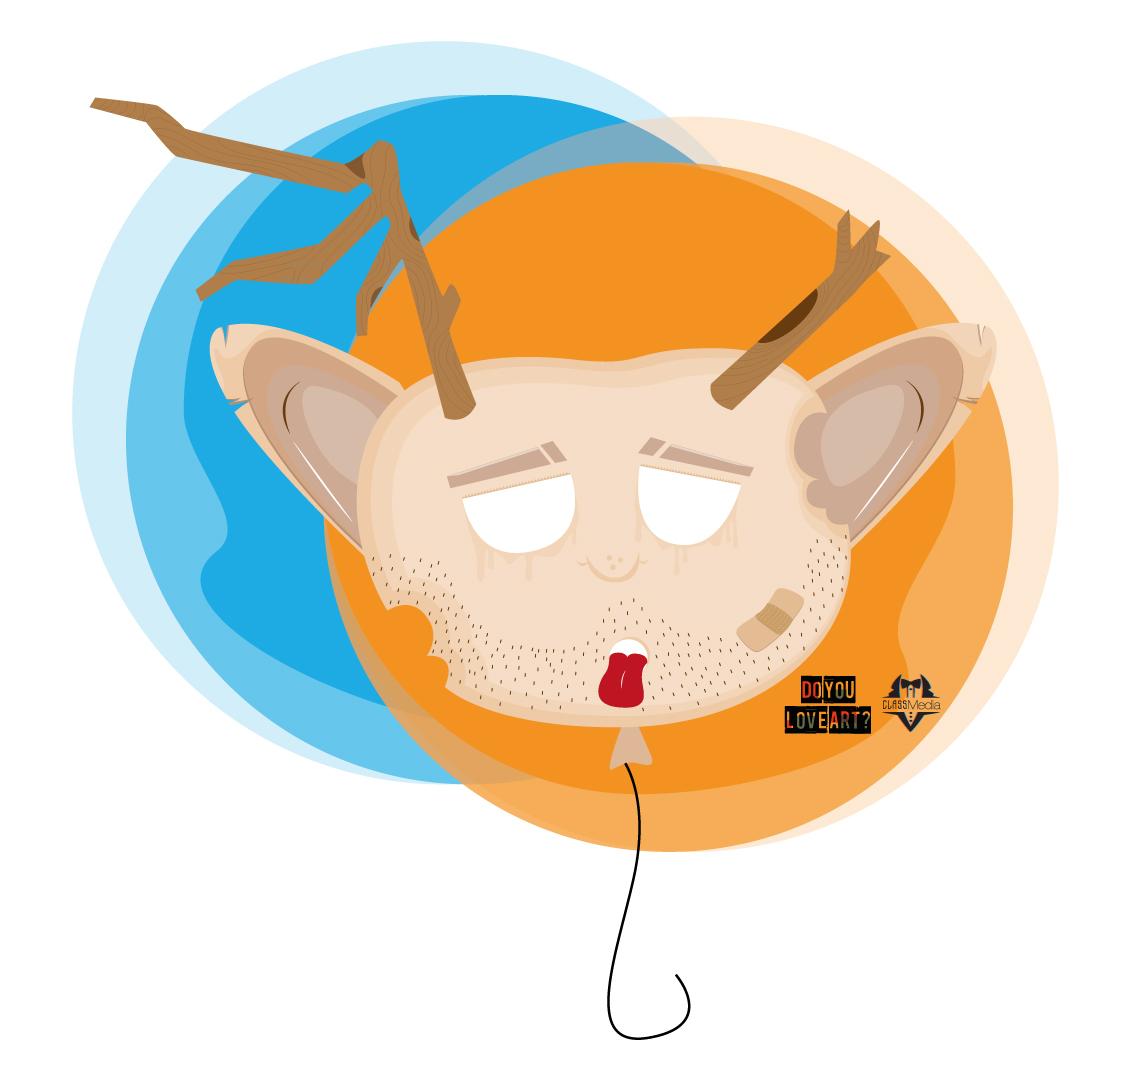 Balloon Head illustration